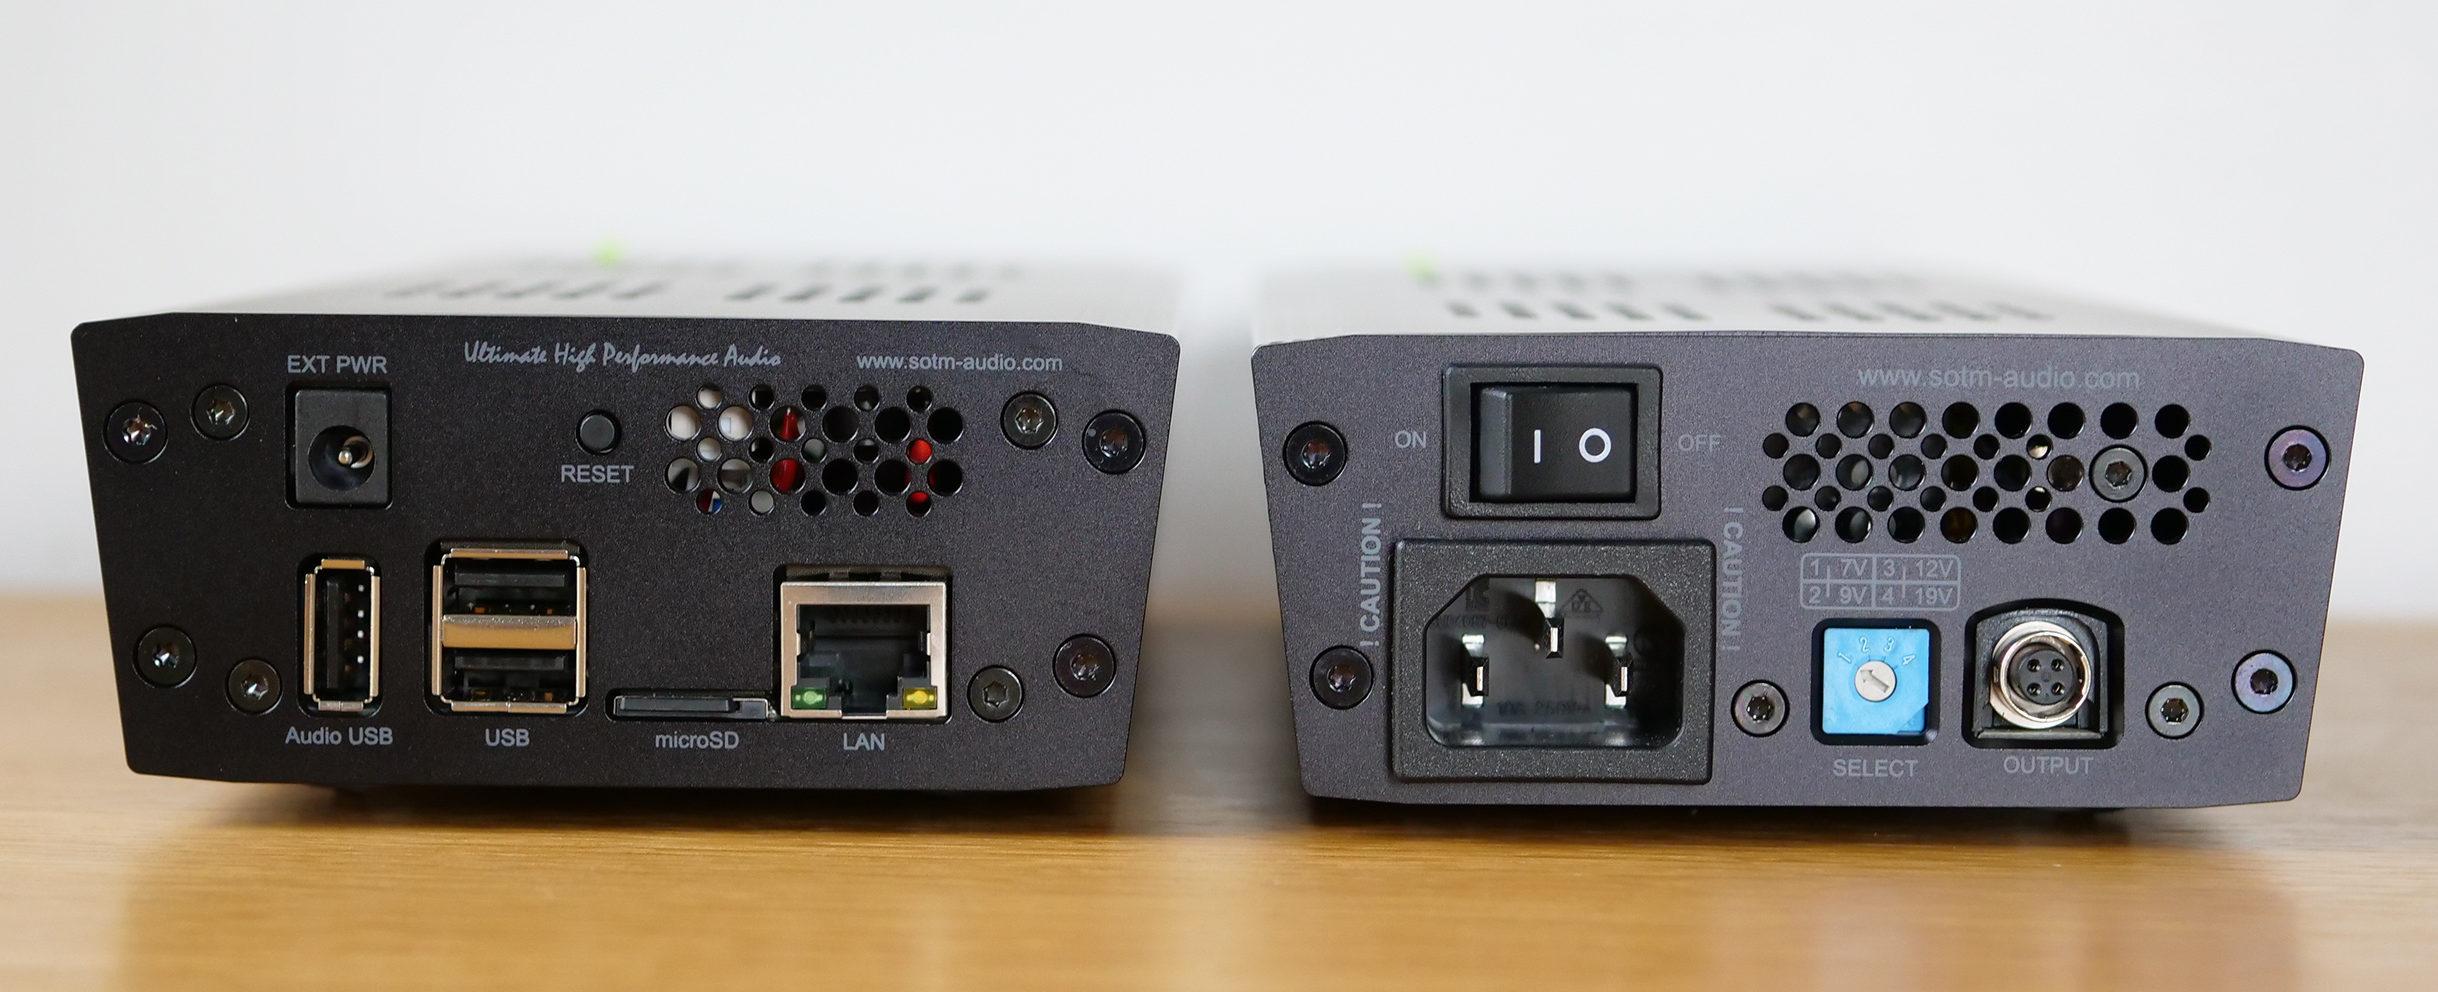 Le SOtM sMS-200 Ultra et ses connecrique: une sortie audio USB, deux entrées USB pour disque dur ou clé USB, la carte mSD contenant le système SOtM et le port réseau RJ45. L'alimentation SOtM sPS-500.